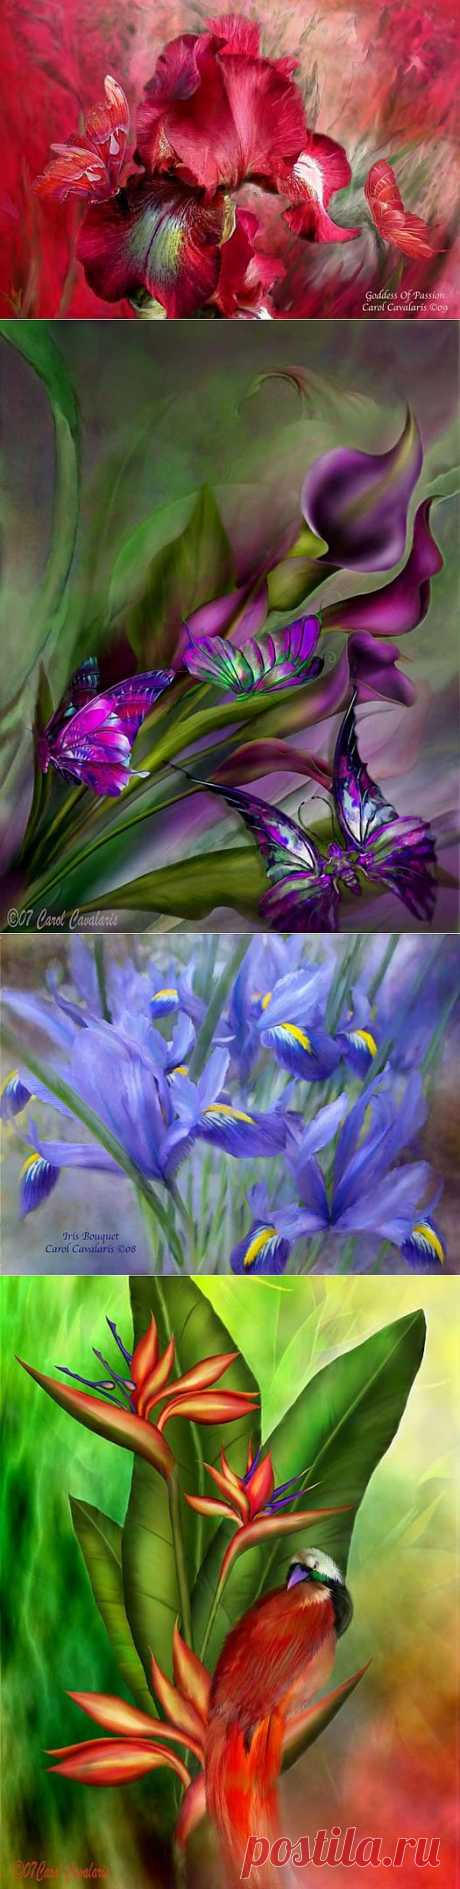 Цветы - Carol Cavalaris.